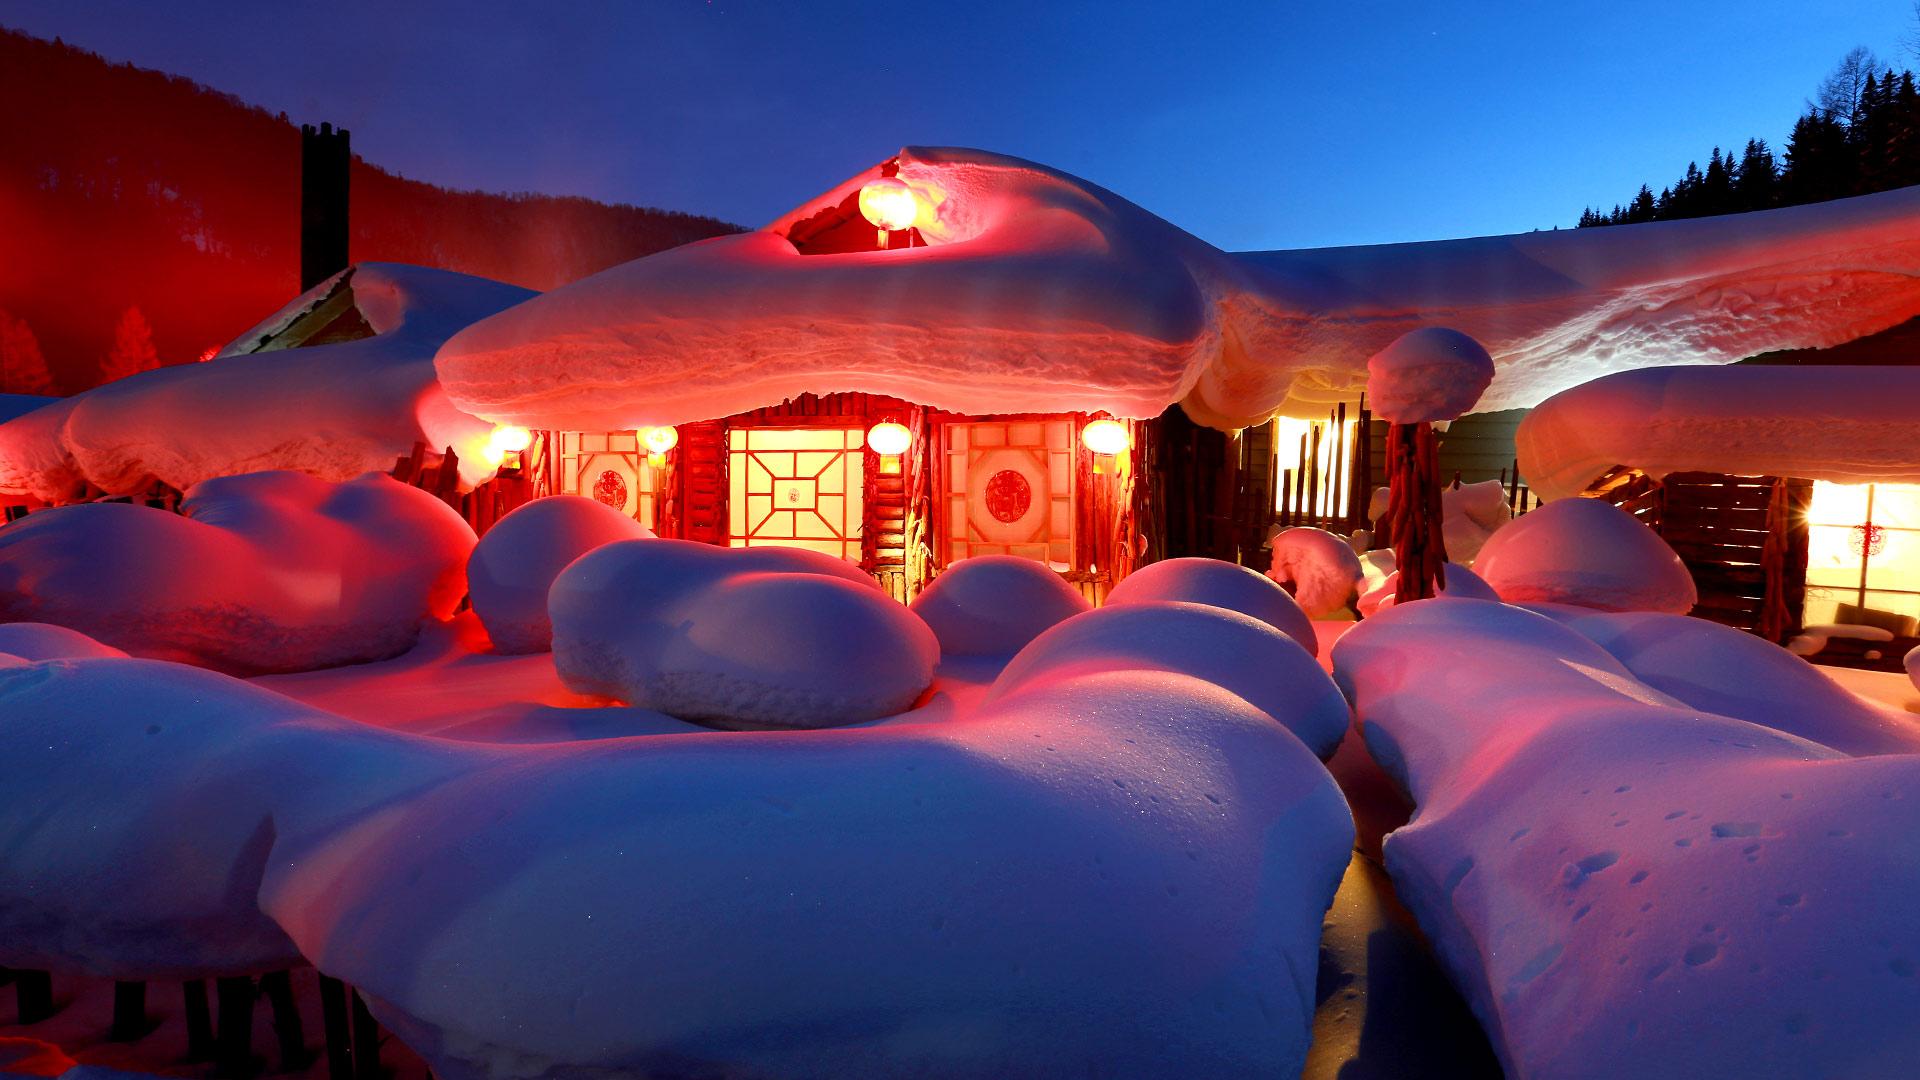 Farm Snow Village